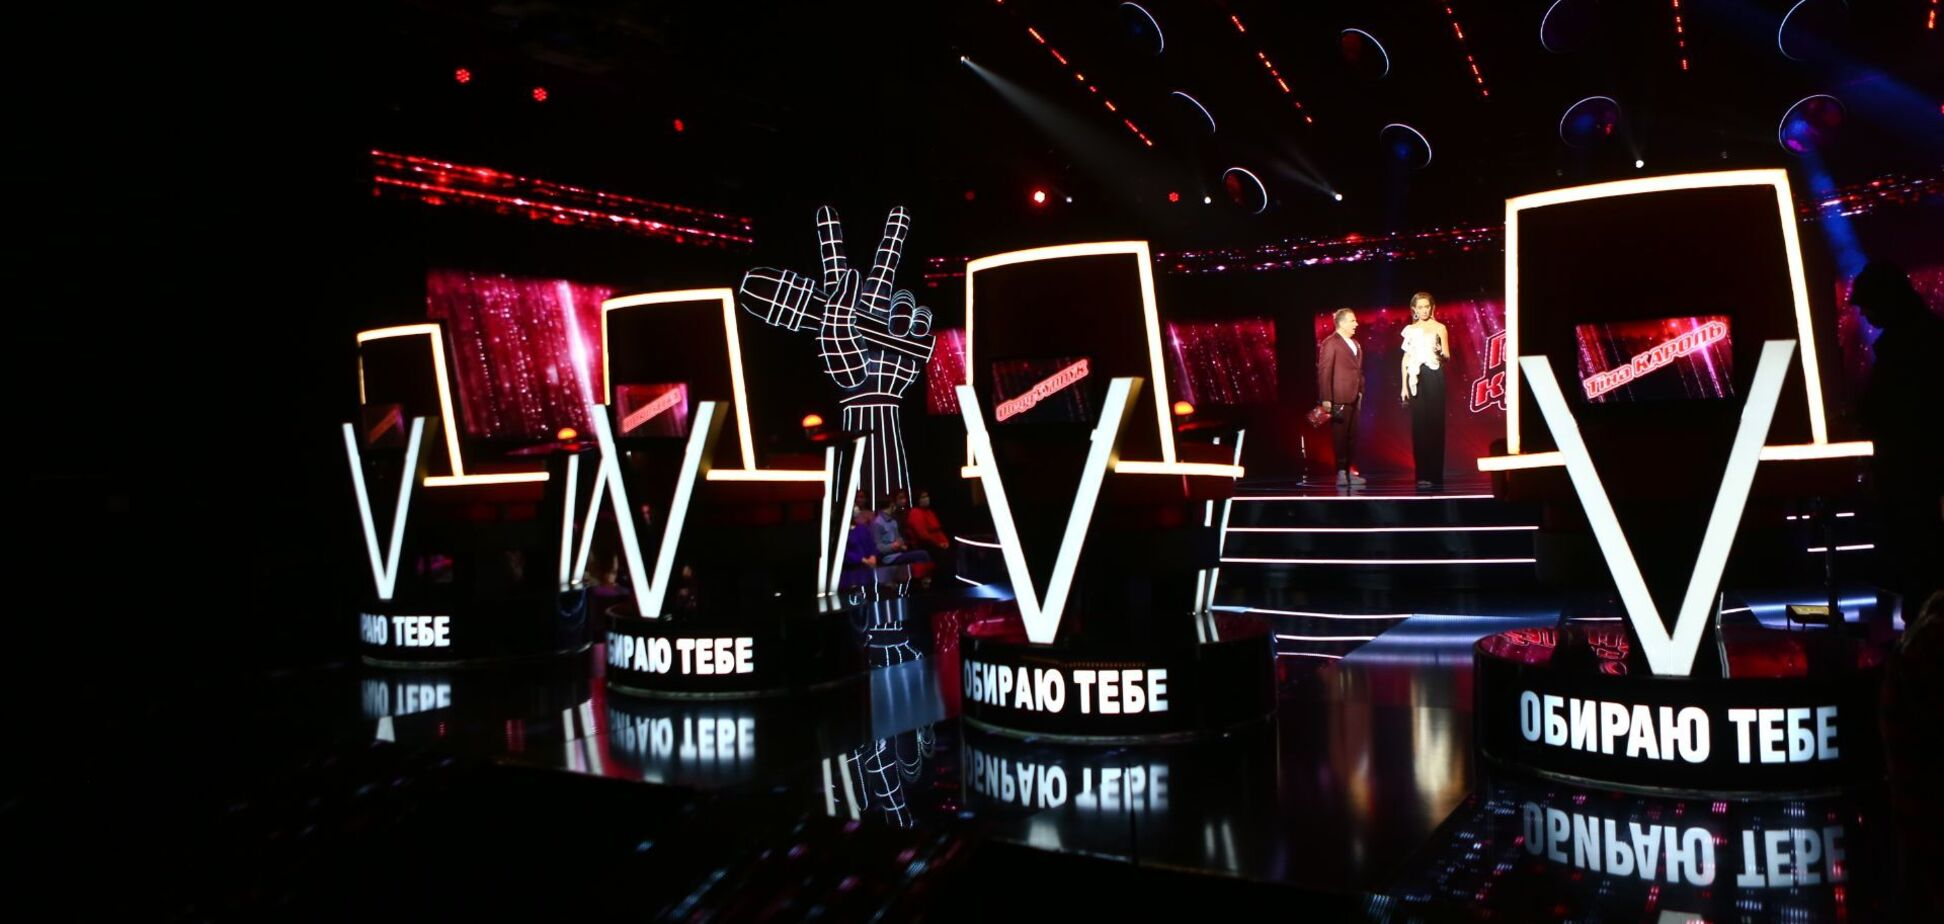 Подруга Андраде и участник Нацотбора 'Евровидения': как прошел первый выпуск 'Голосу країни-11'